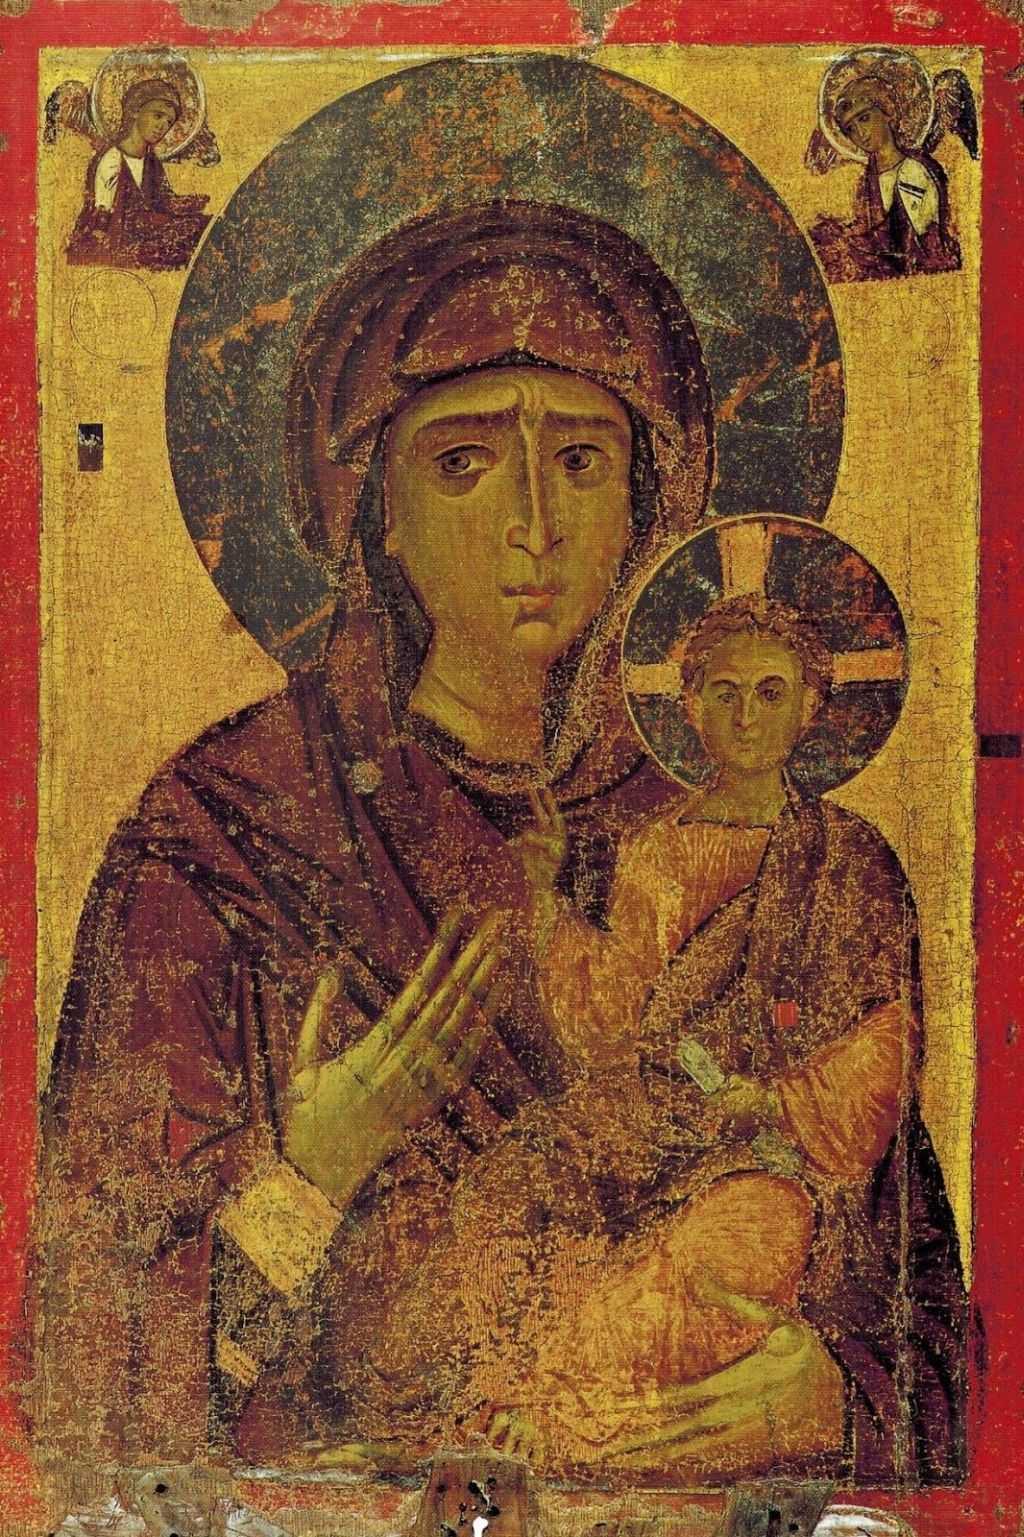 PARINTELE ARSENIE PAPACIOC: <i>&#8220;Maica Domnului e suparata pe aceia care nu-i cer nimic&#8221;</i>